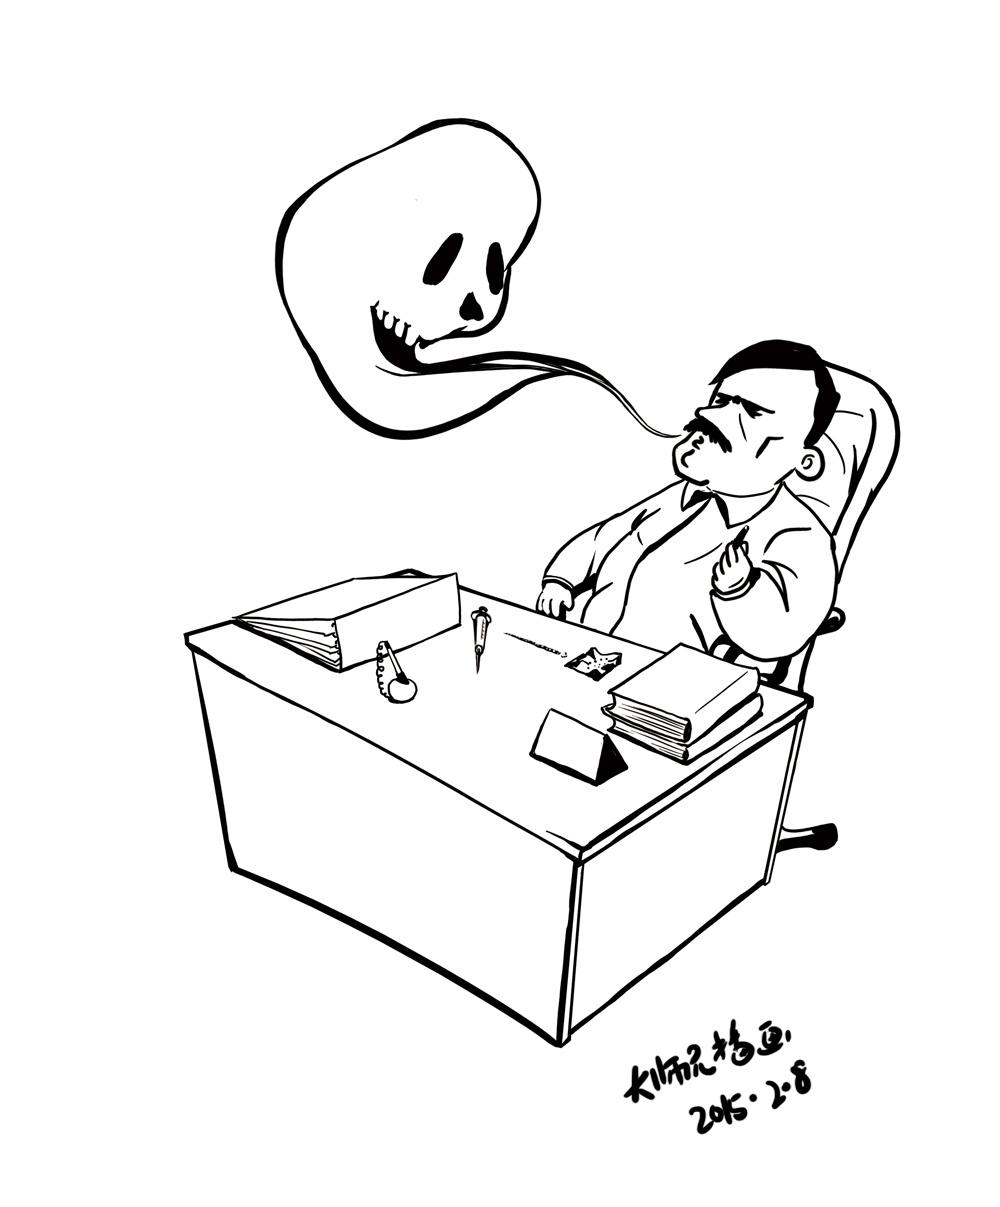 法制,廉政,讽刺漫画.